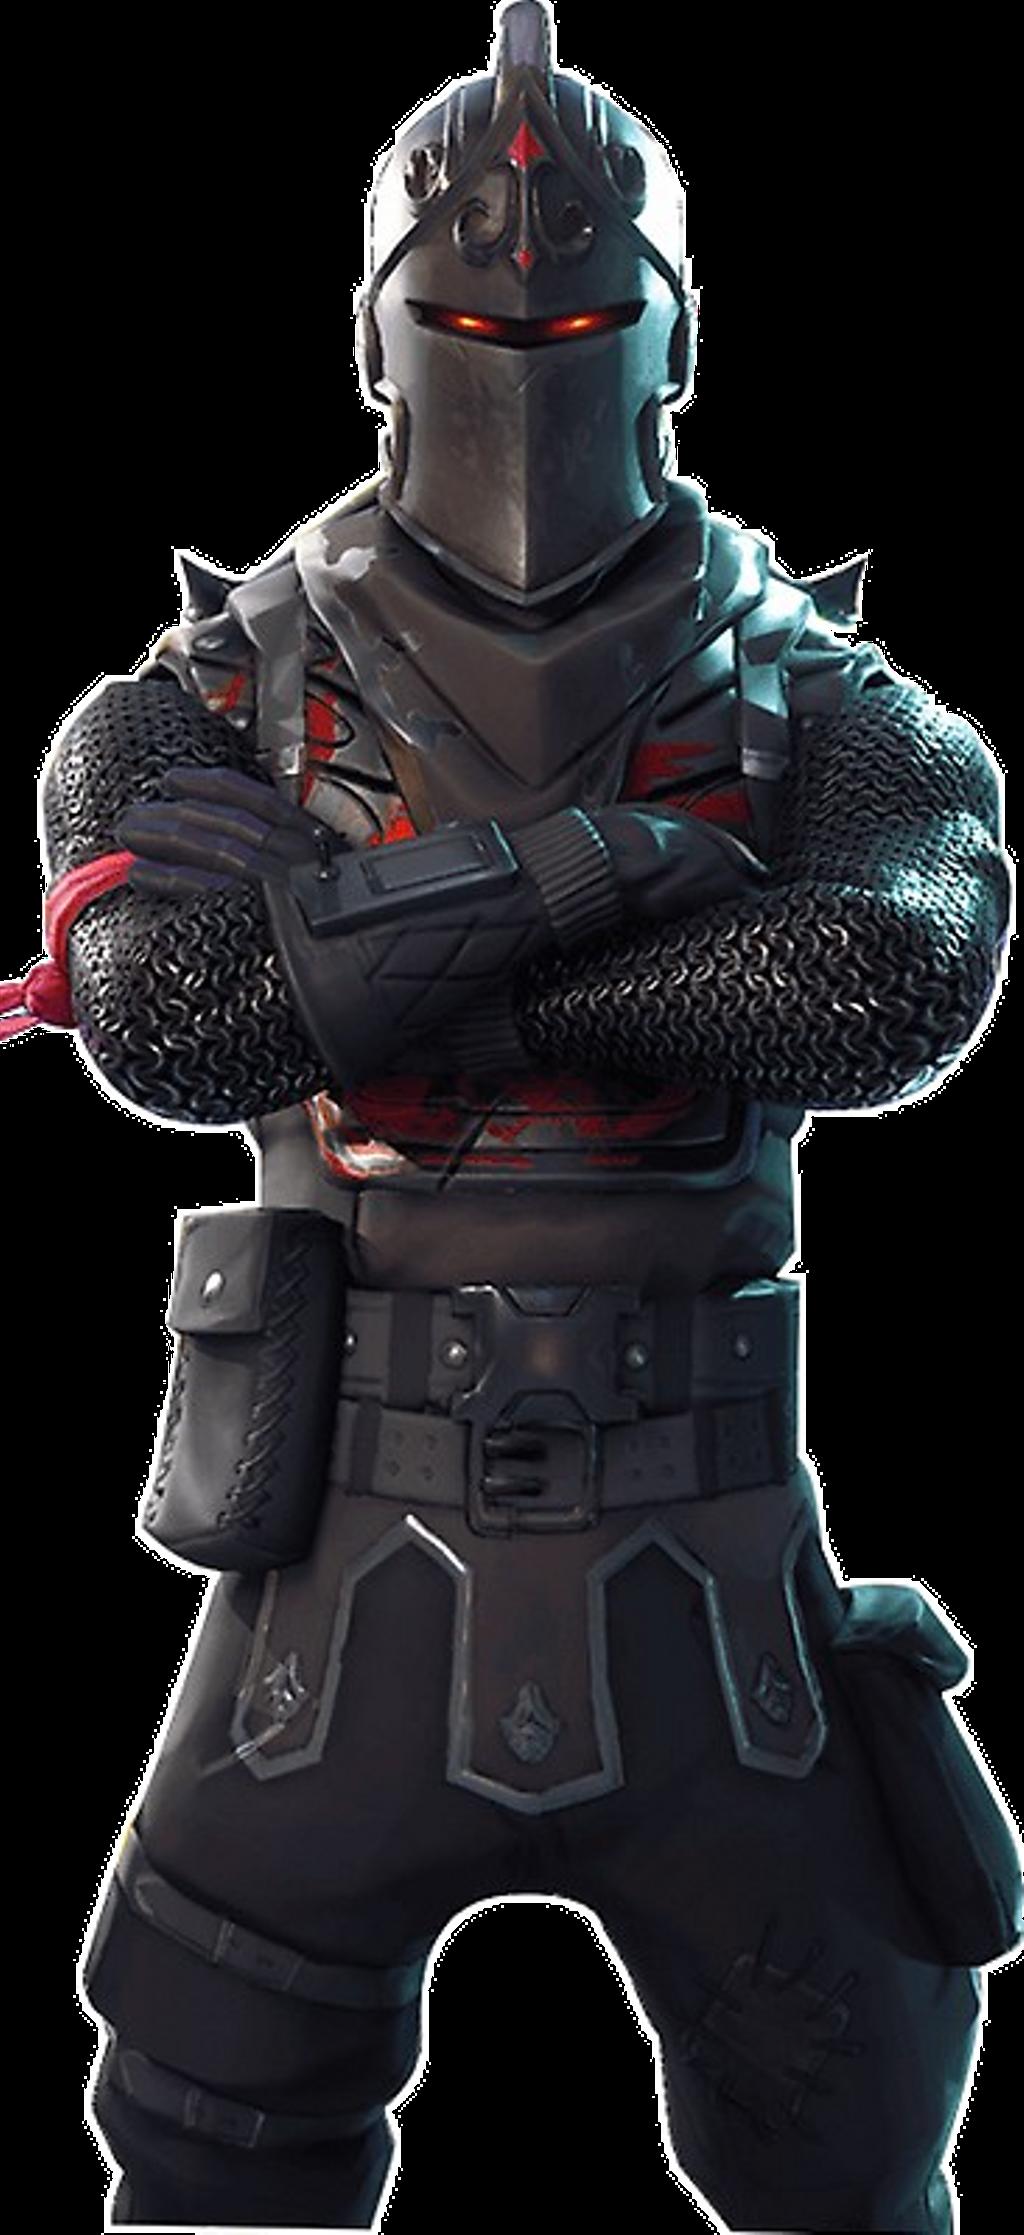 Download HD Black Knight Png Fortnite - Black Knight ...